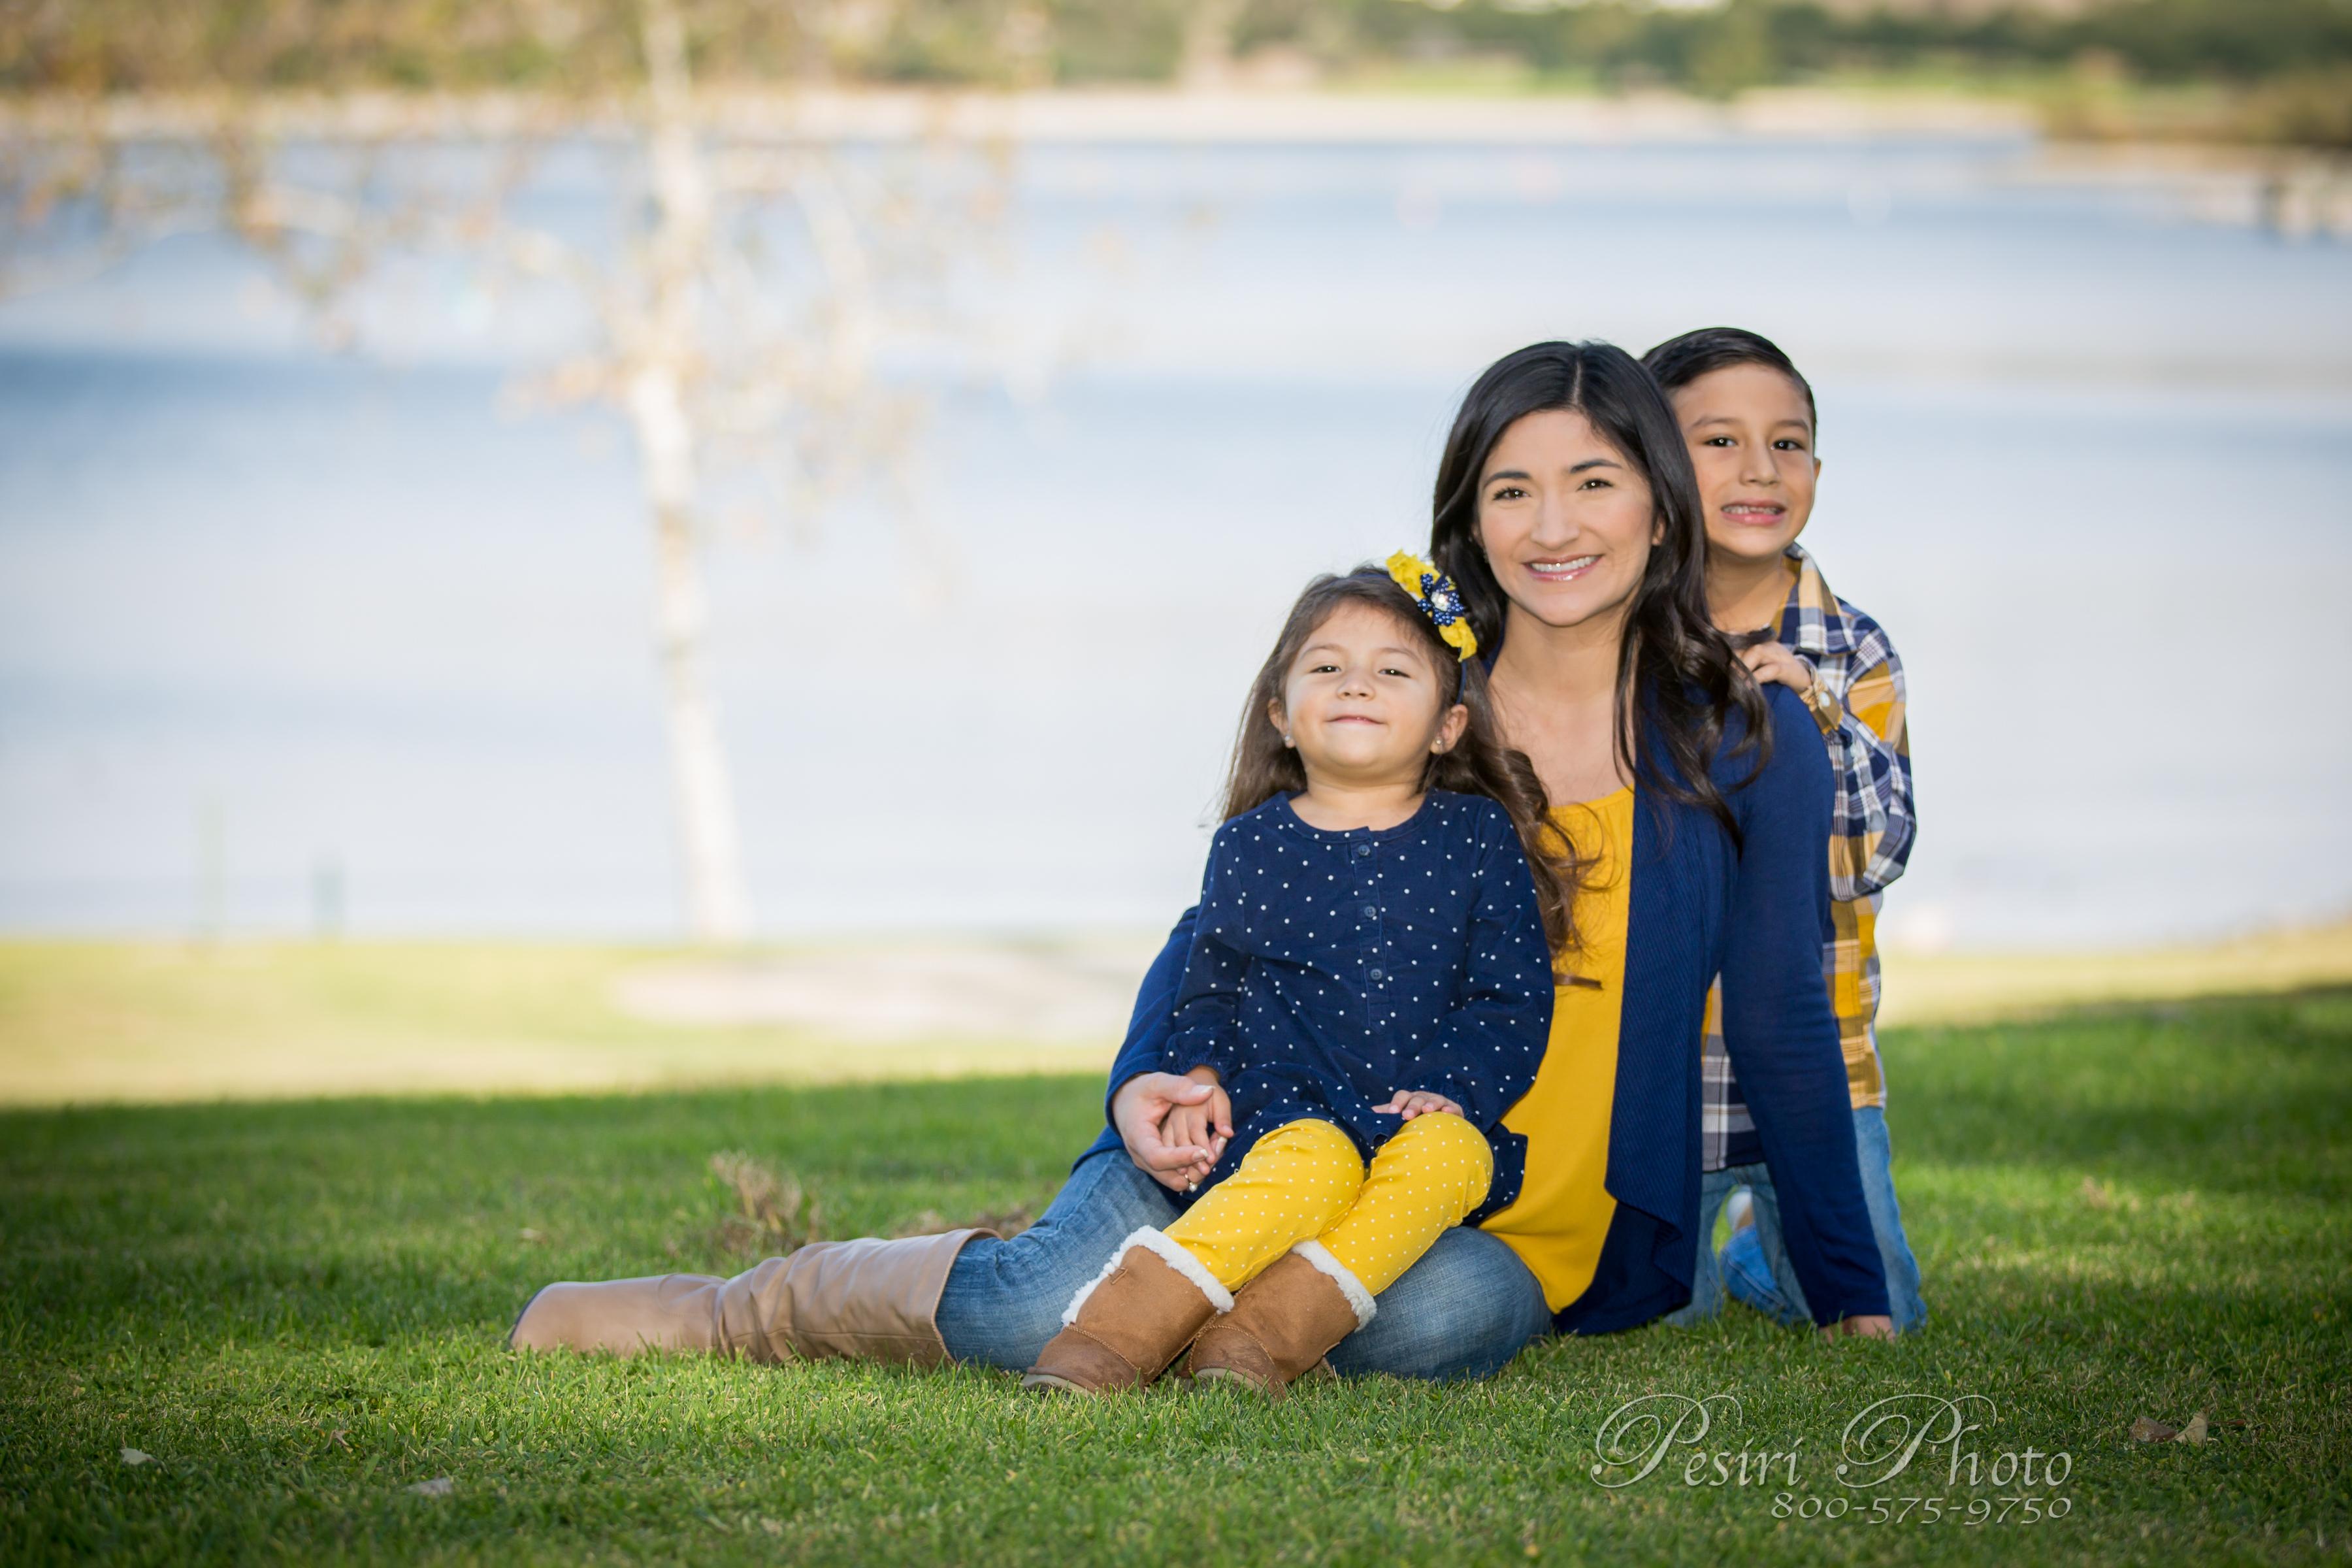 Family Photos By Pesiri Photo G-3